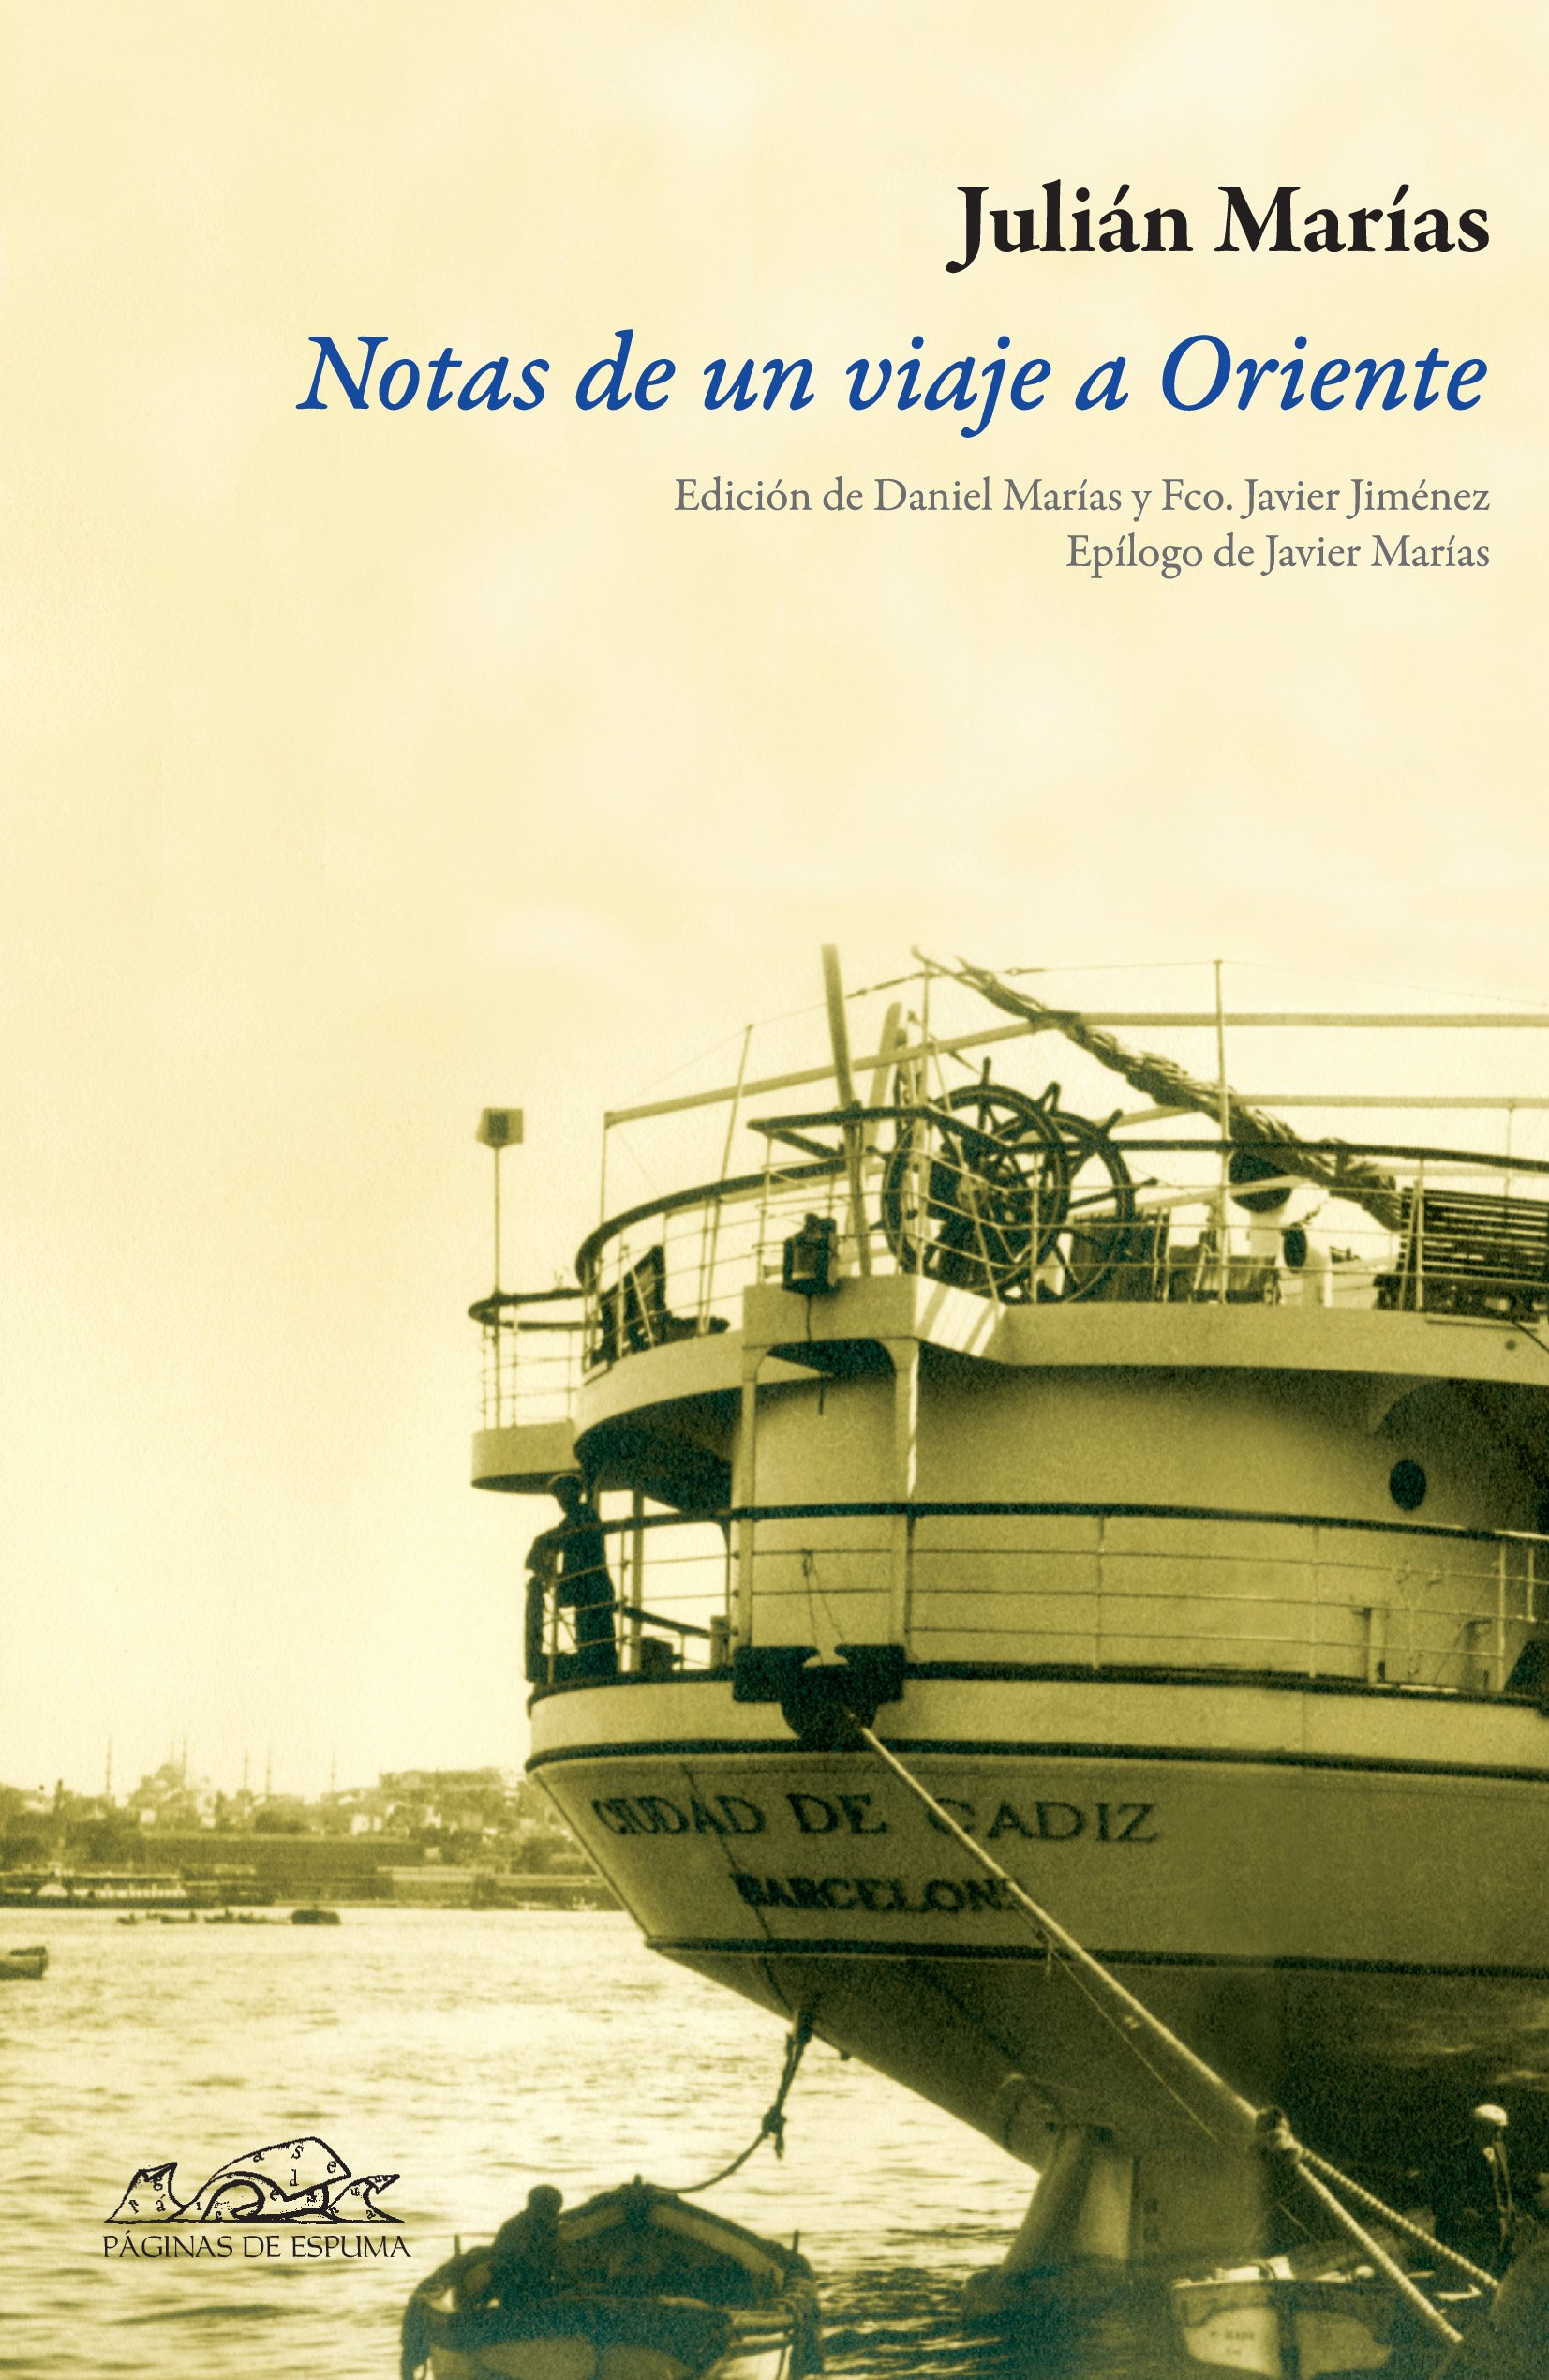 Notas de un viaje a Oriente (Voces / Ensayo): Amazon.es: Marías, Julián, Marías, Daniel, Jiménez, Fco. Javier, Marías, Javier: Libros